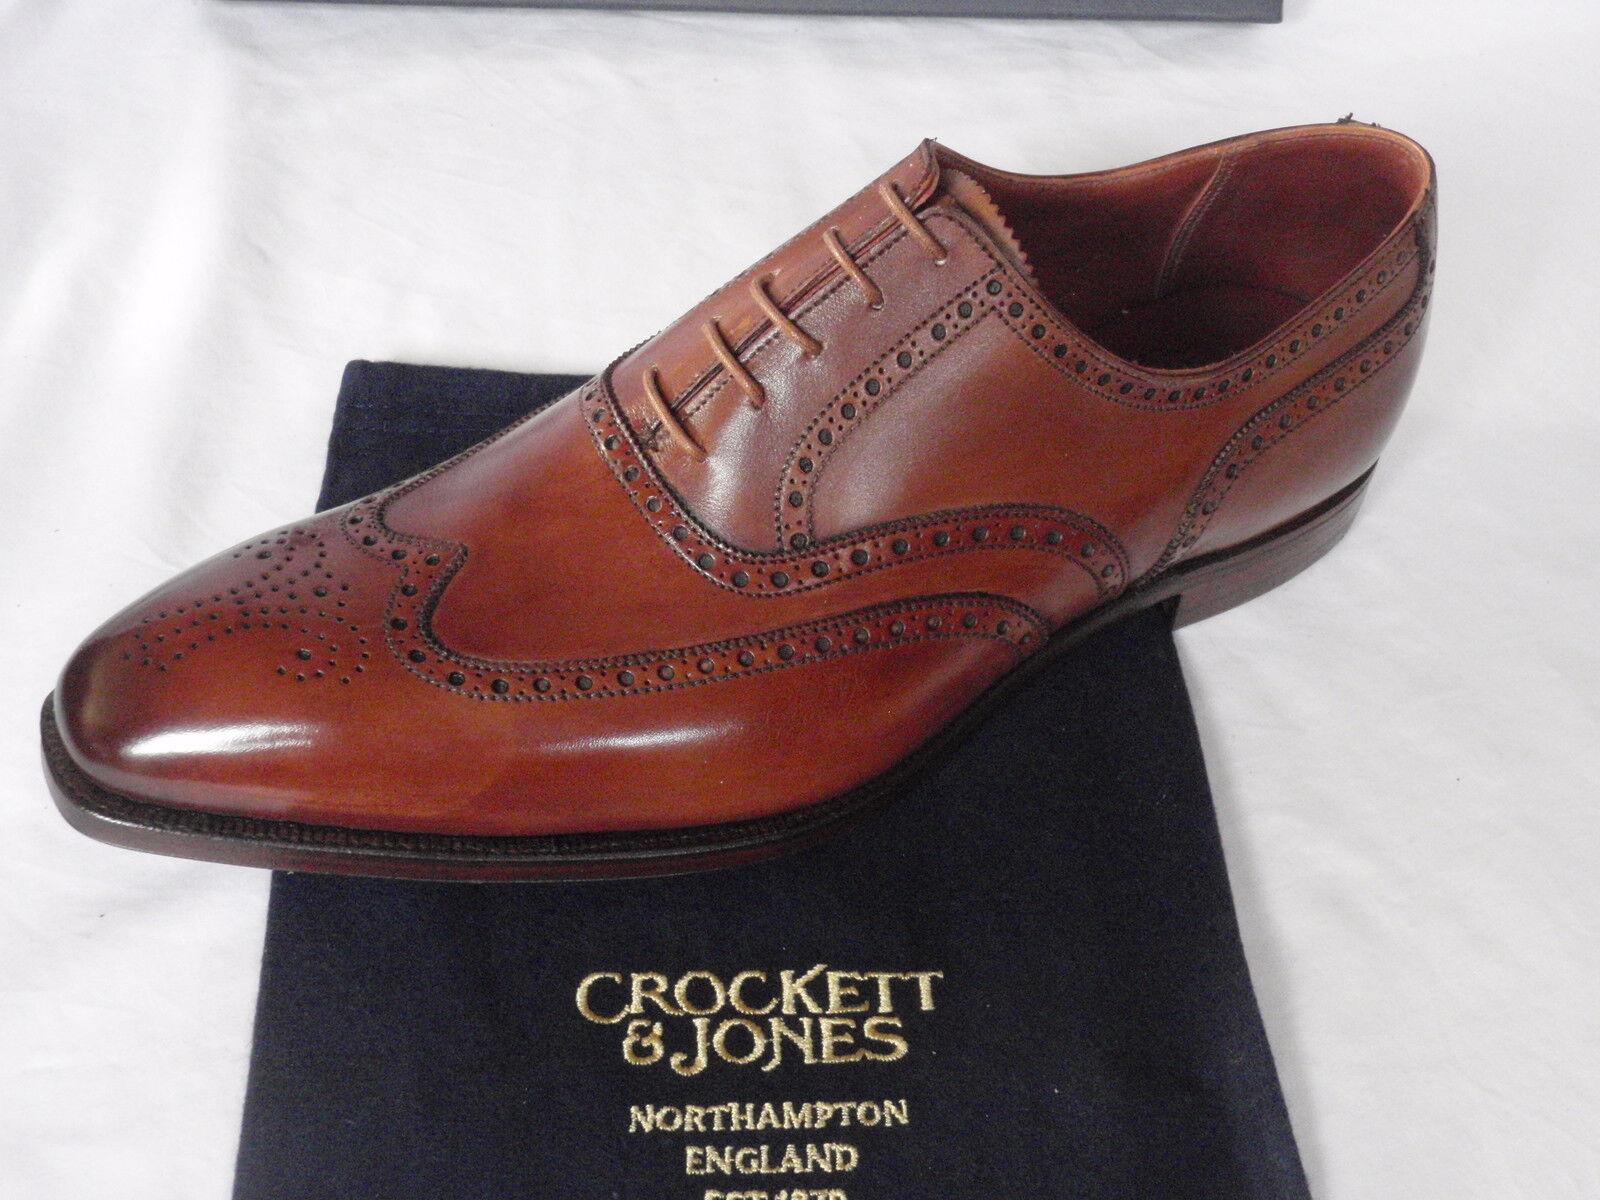 NEW Handgrade Crockett & Jones FAIRFORD Handgrade NEW Tan Leder Schuhes ALL SIZES c3b509